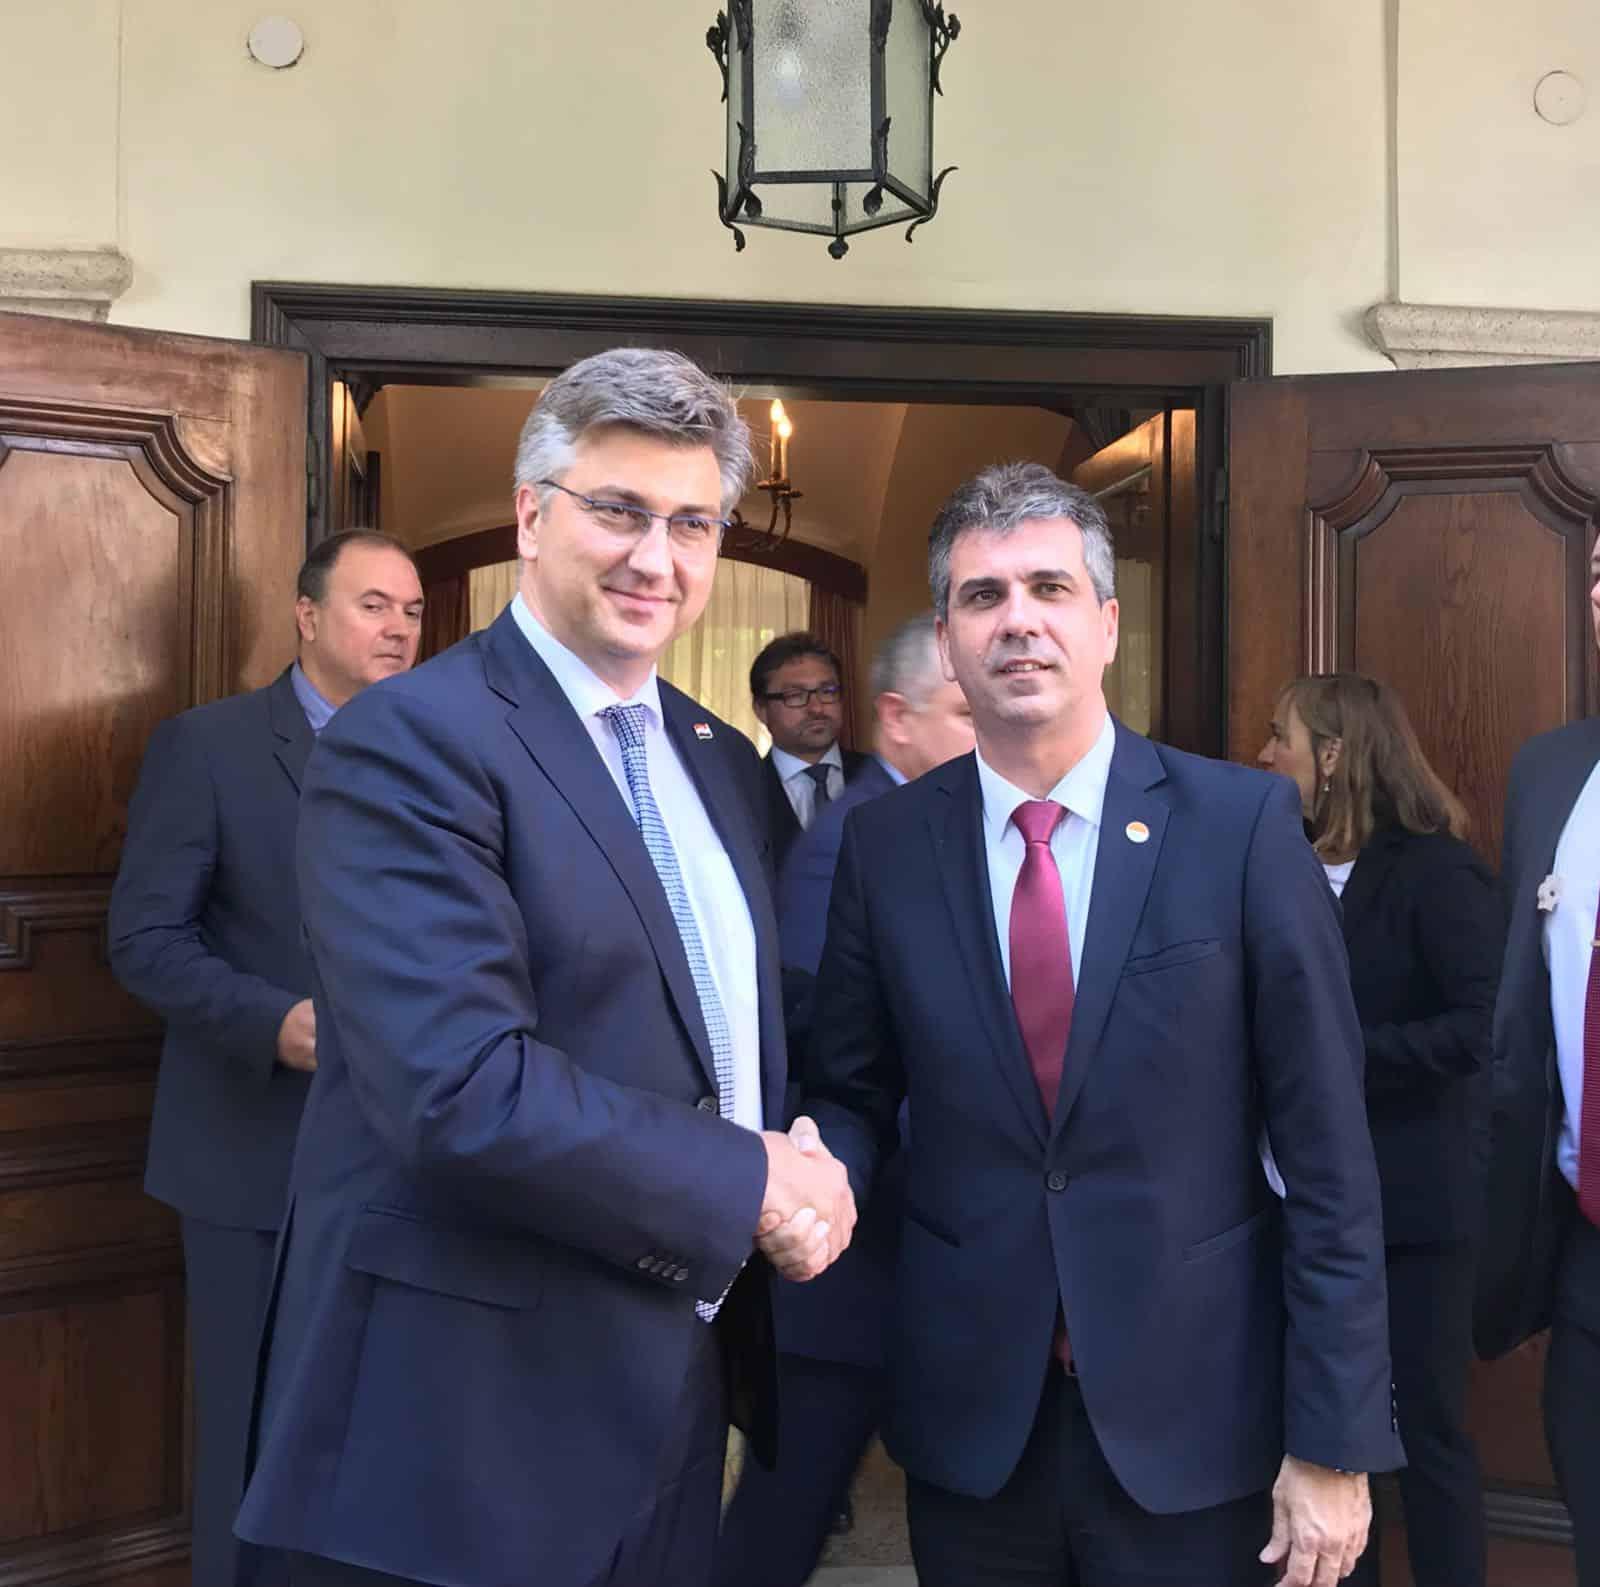 שר הכלכלה, אלי כהן וראש ממשלת קרואטיה, אנדריי פלנקוביץ'